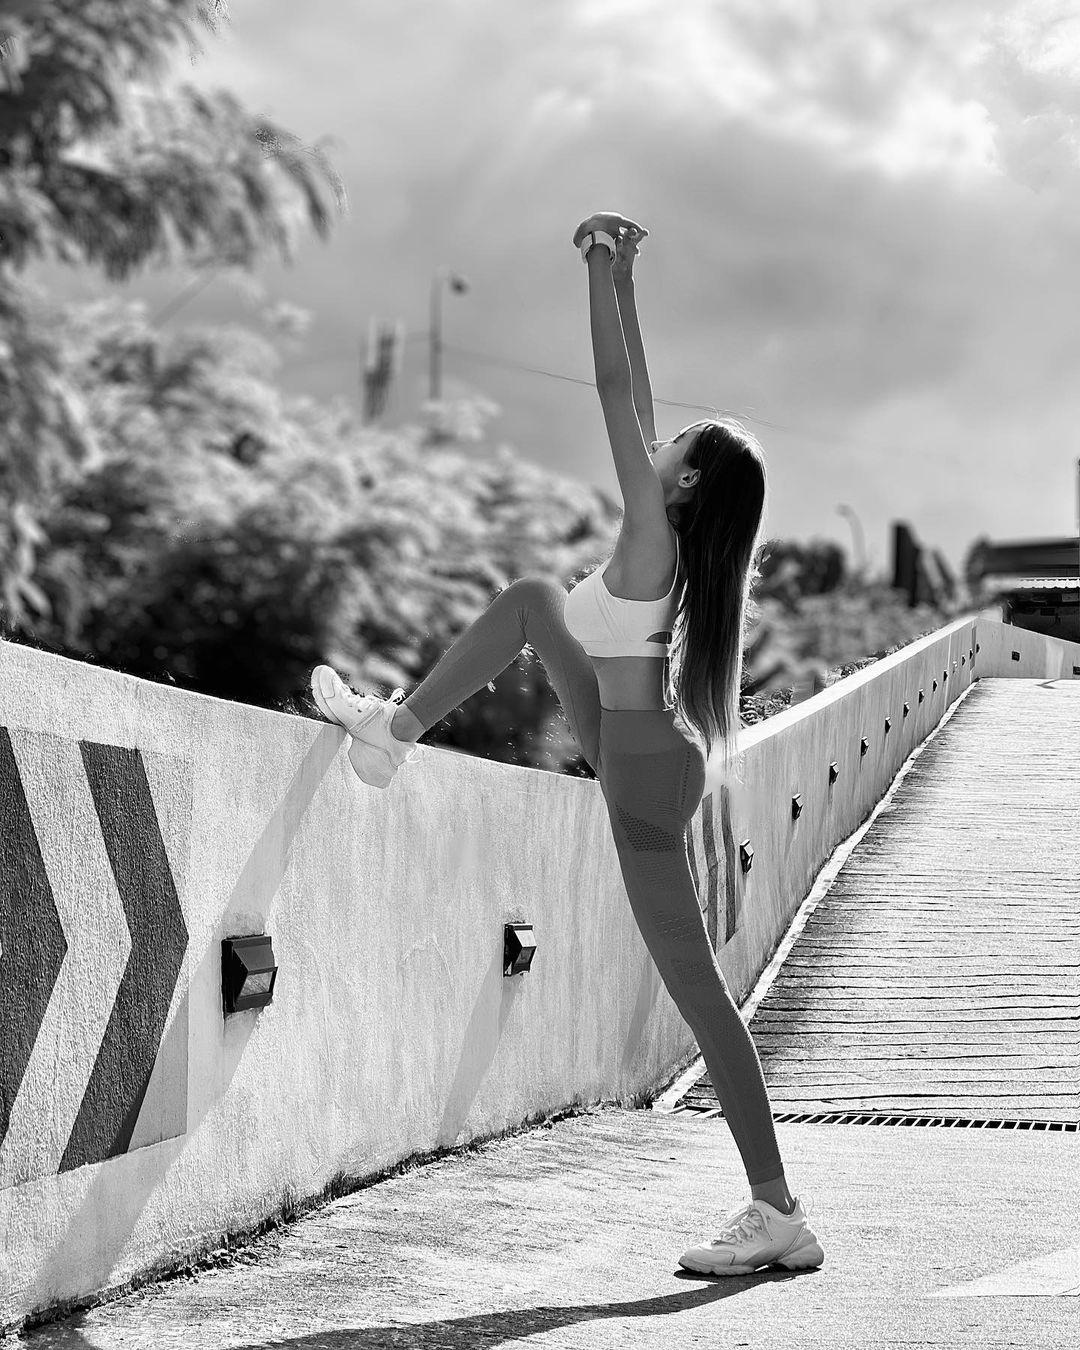 Để giữ được thân hình hoàn hảo, cô gái cho biết tập luyện đều đặn. Cô không bao giờ ăn nhiều đồ dầu mỡ, nhiều đường, mỗi bữa ăn đều rất nhạt.